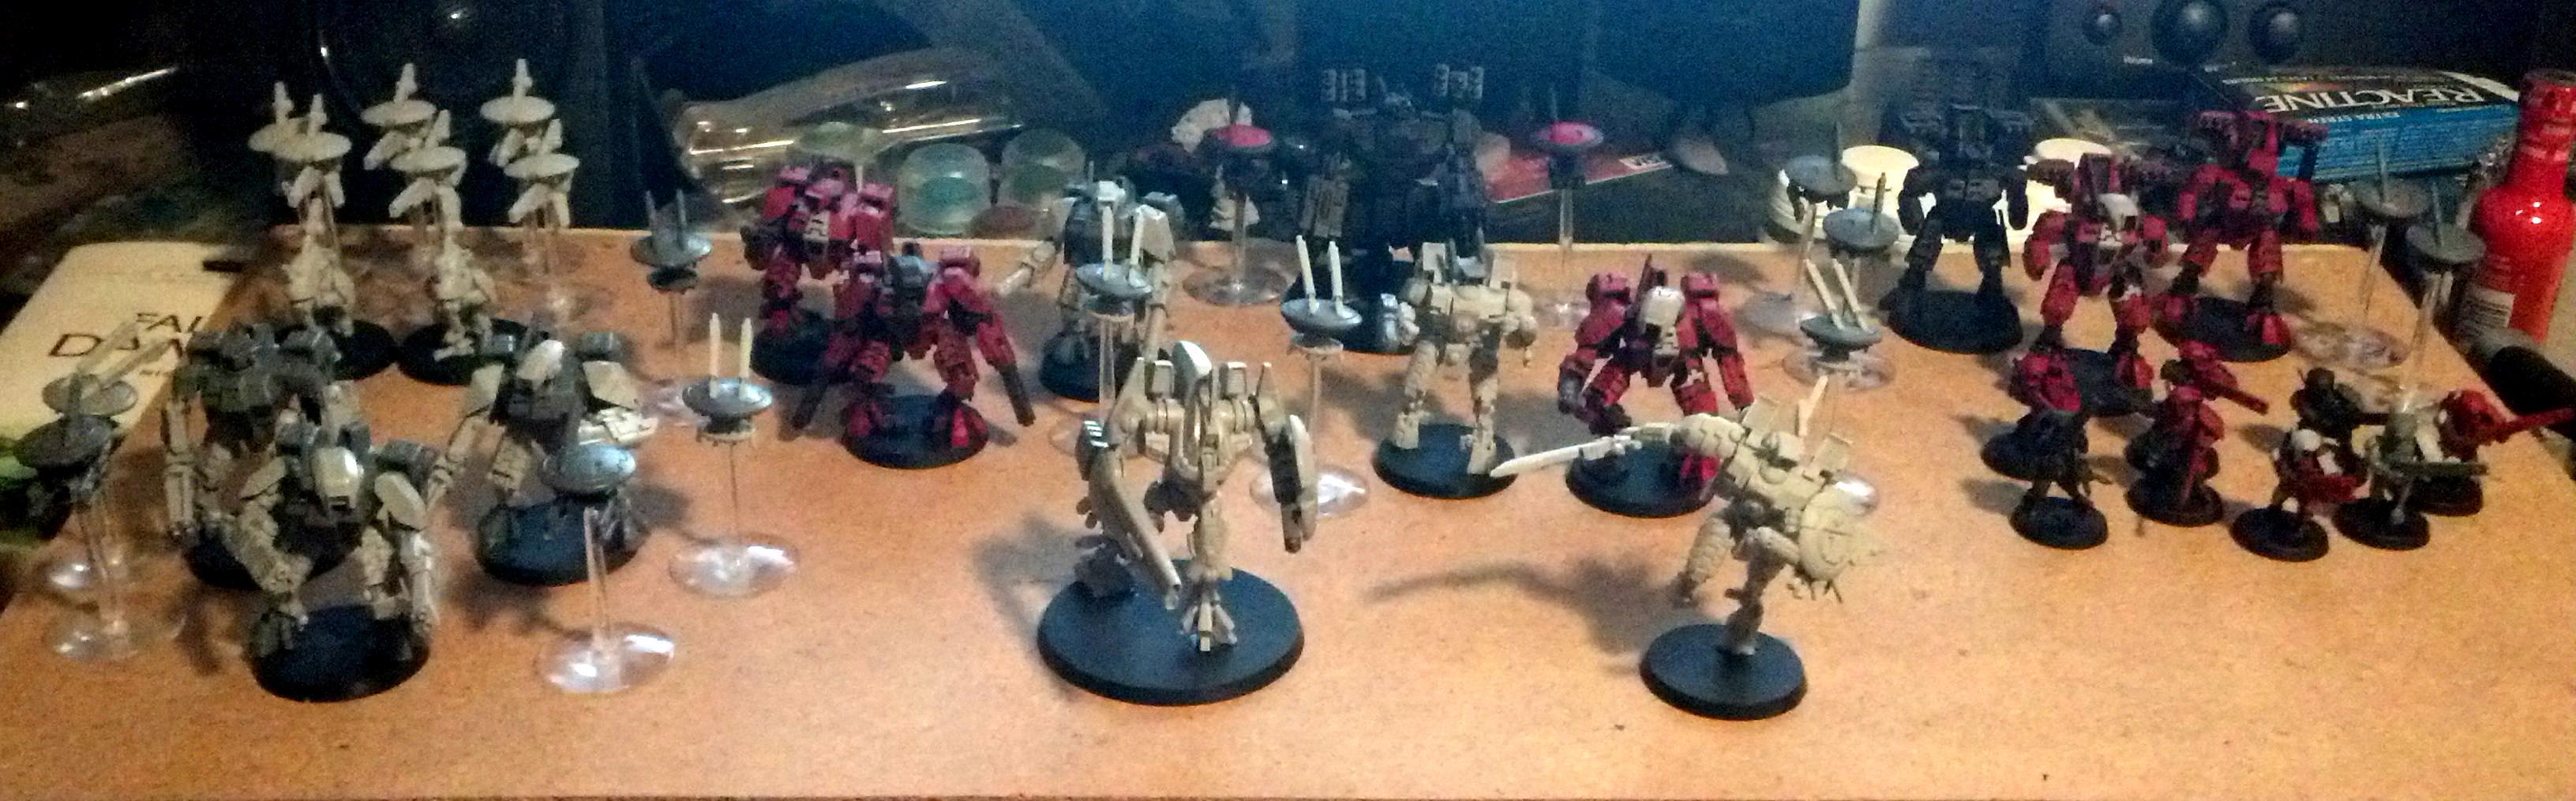 Crisis Battlesuit, Enclave, Farsight, XV8